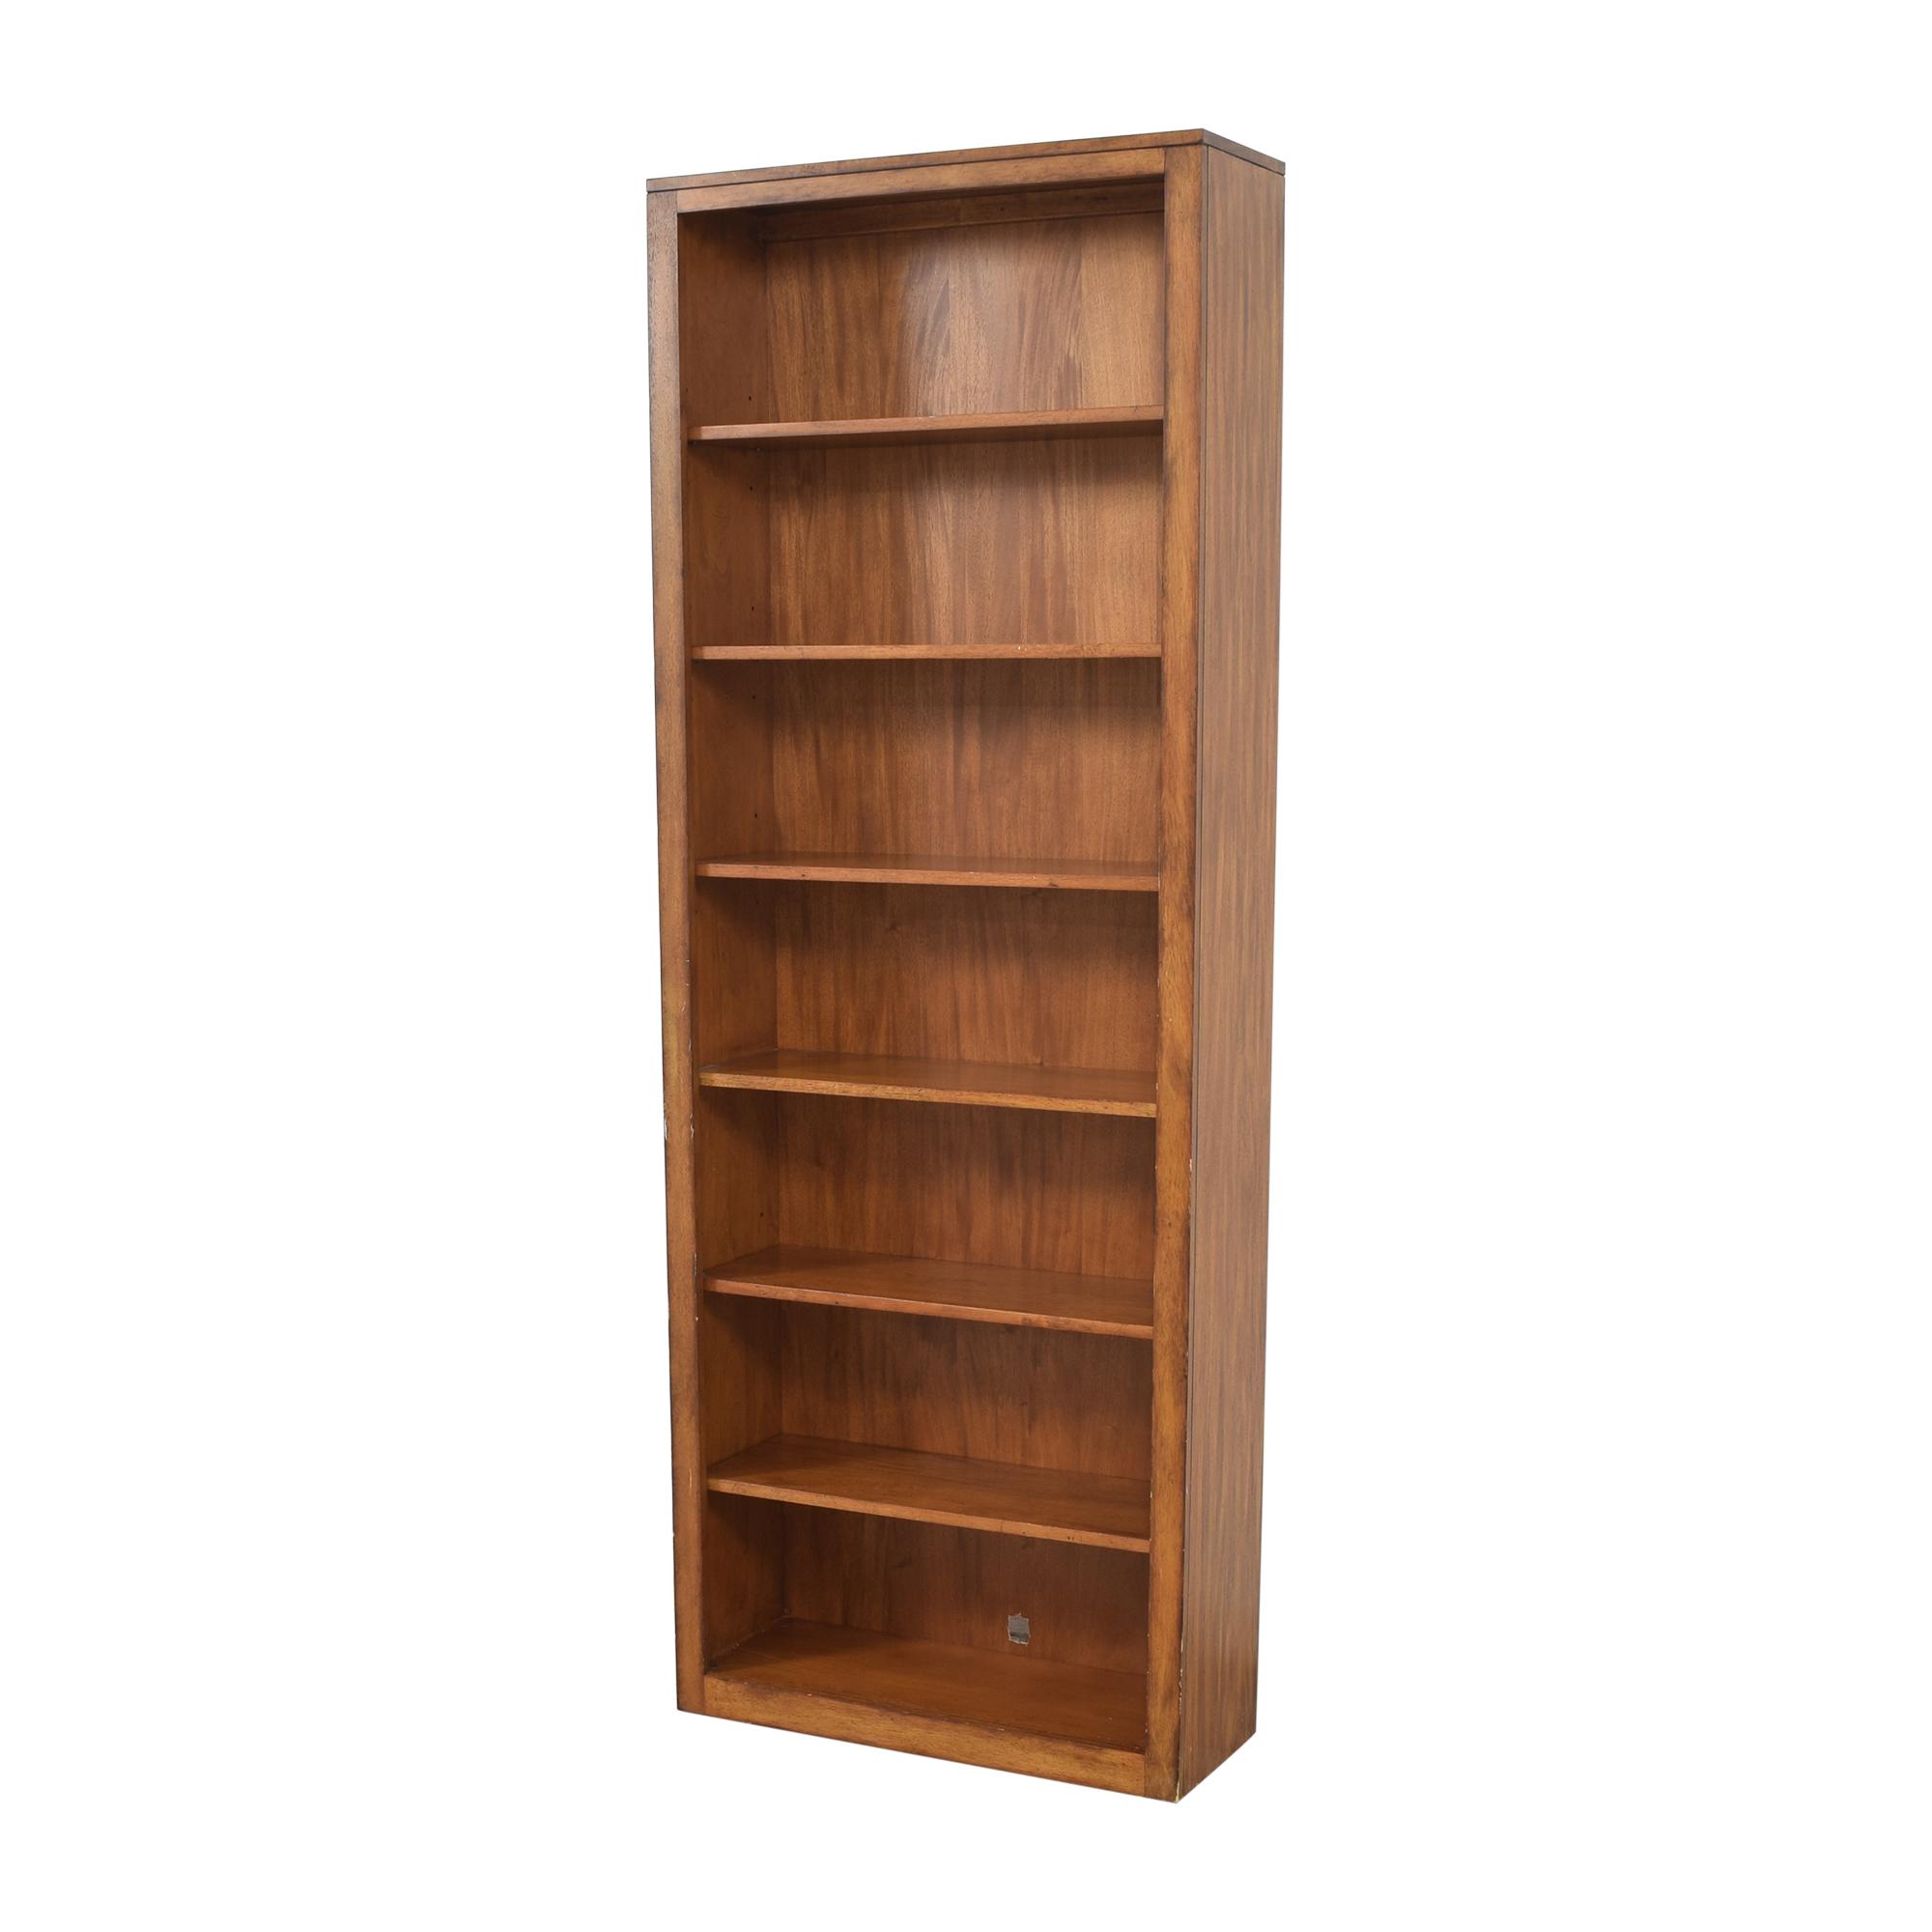 Ethan Allen Ethan Allen Tall Bookcase second hand